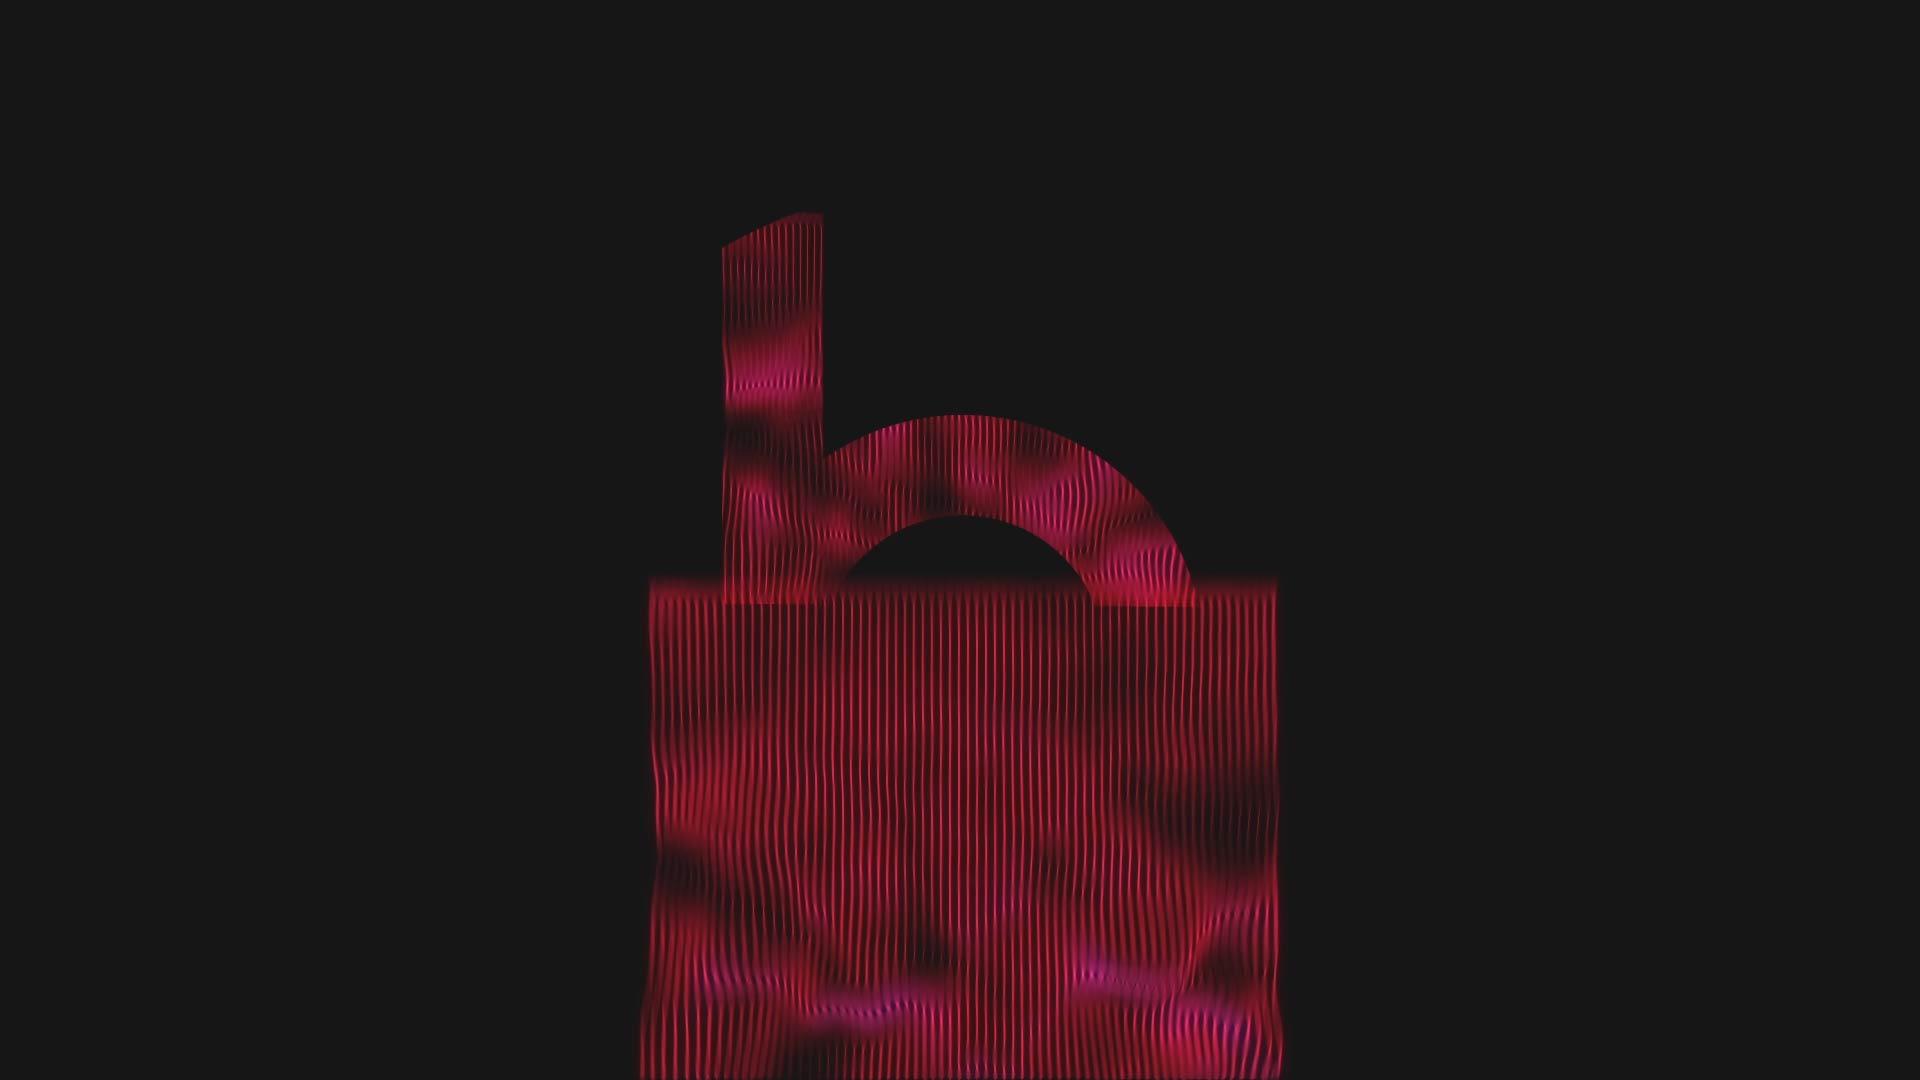 Beats_FINAL (0-00-03-07).jpg